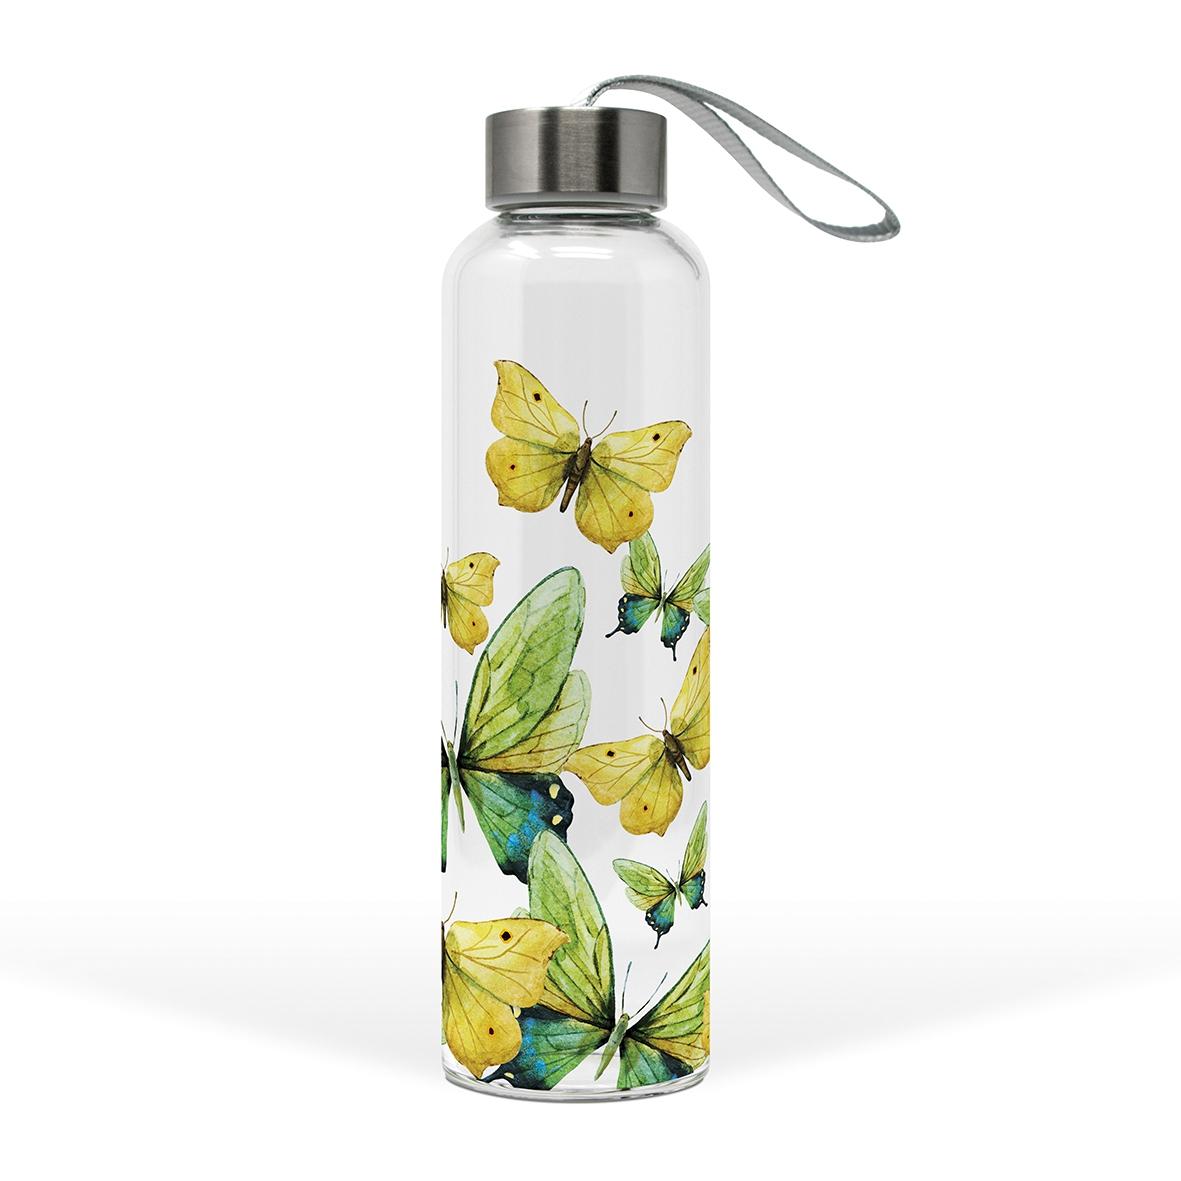 Glasflasche - Grüne Schmetterlinge